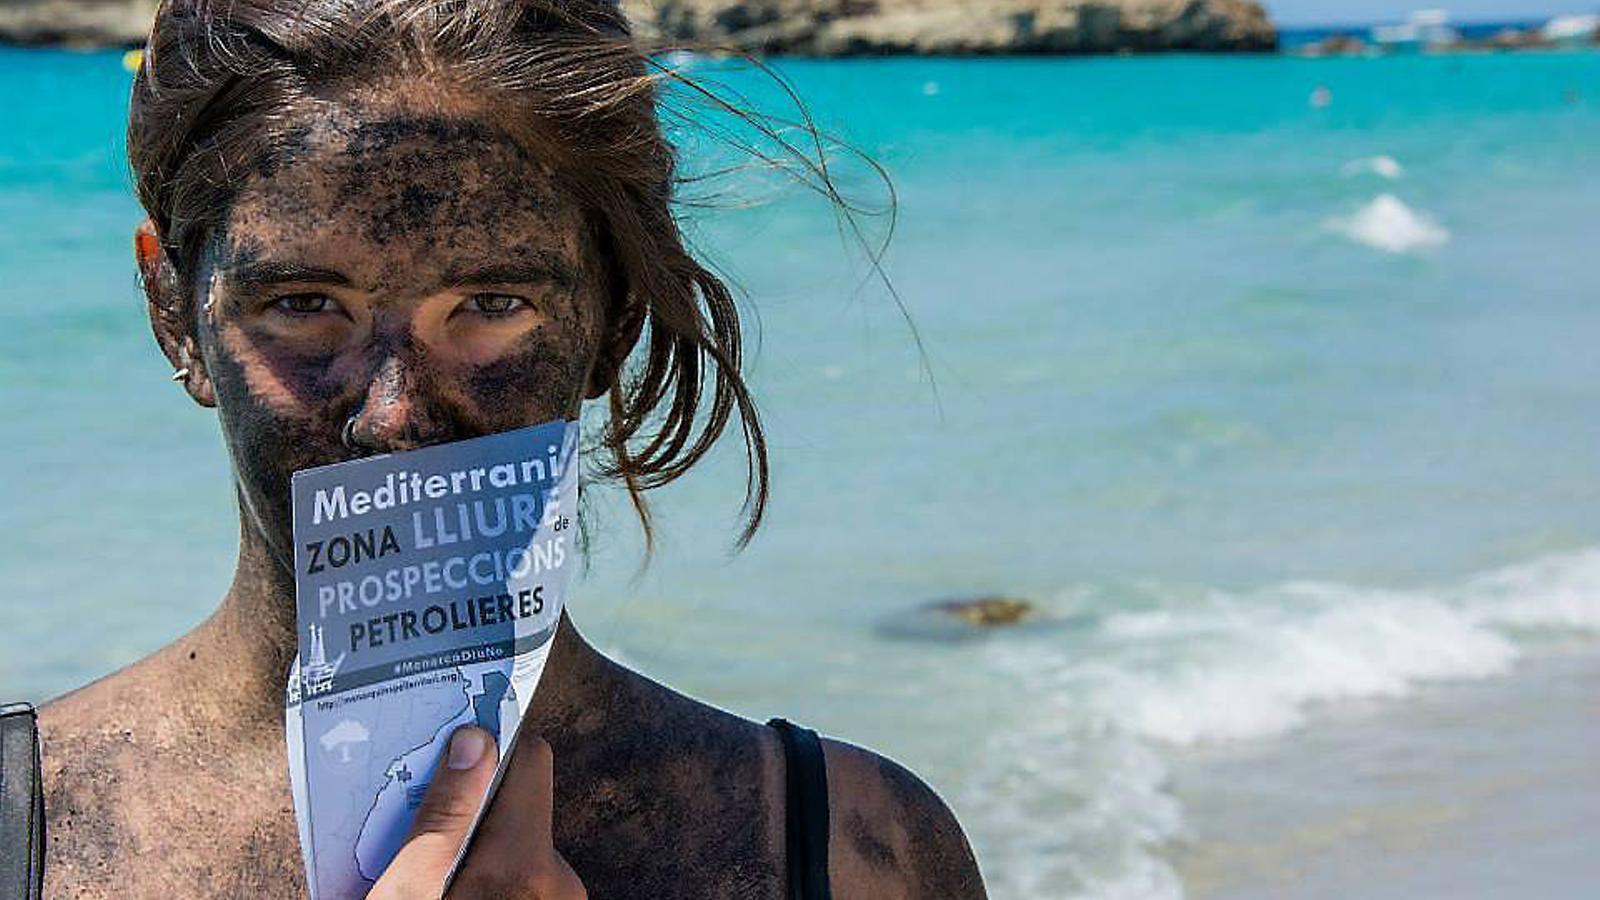 LLIURE DE PROSPECCIONS  PP i C's veten la tramitació de la llei que declara el Mediterrani lliure de prospeccions.